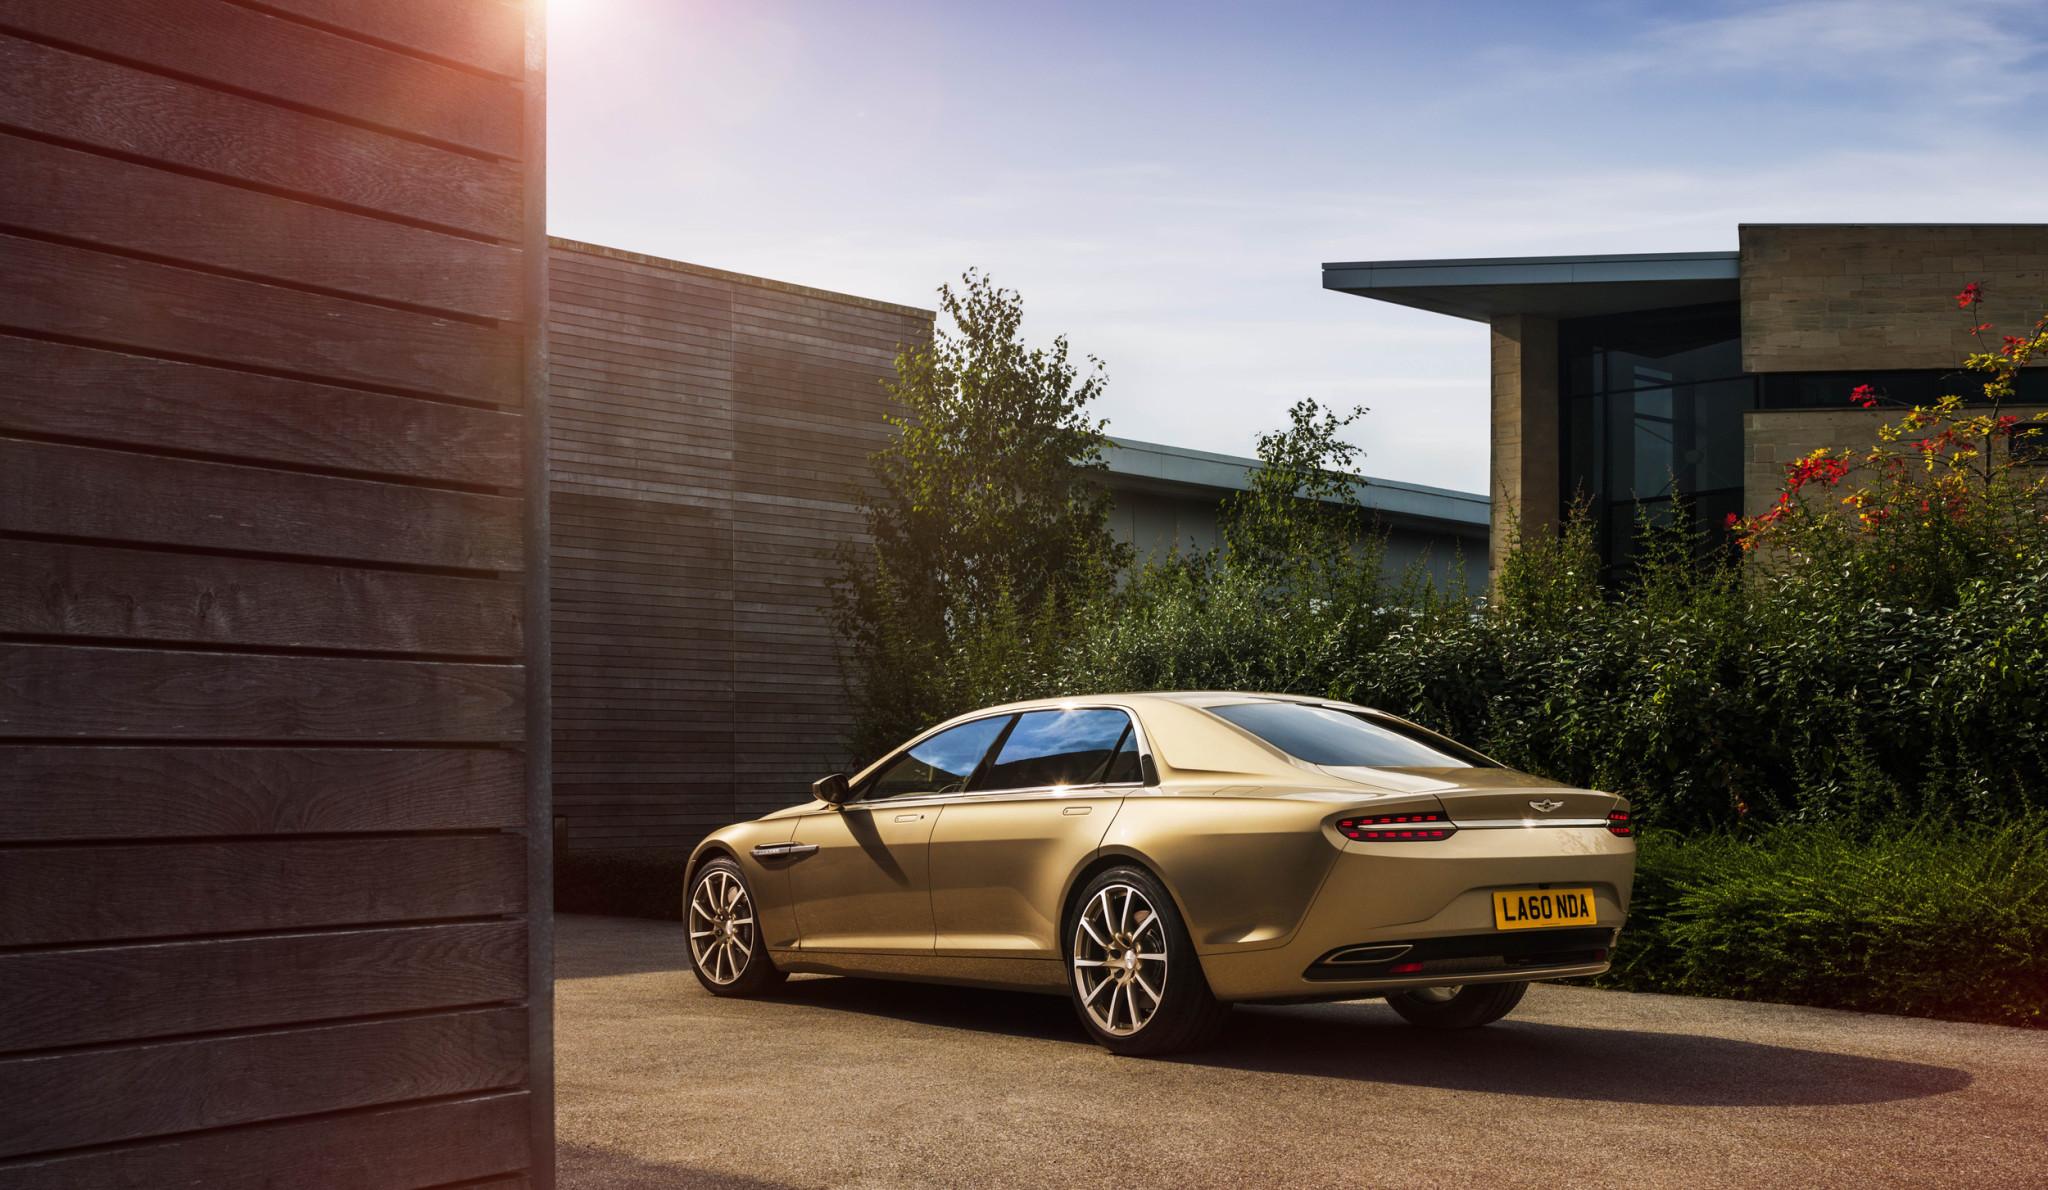 2015 Aston Martin Lagonda Taraf